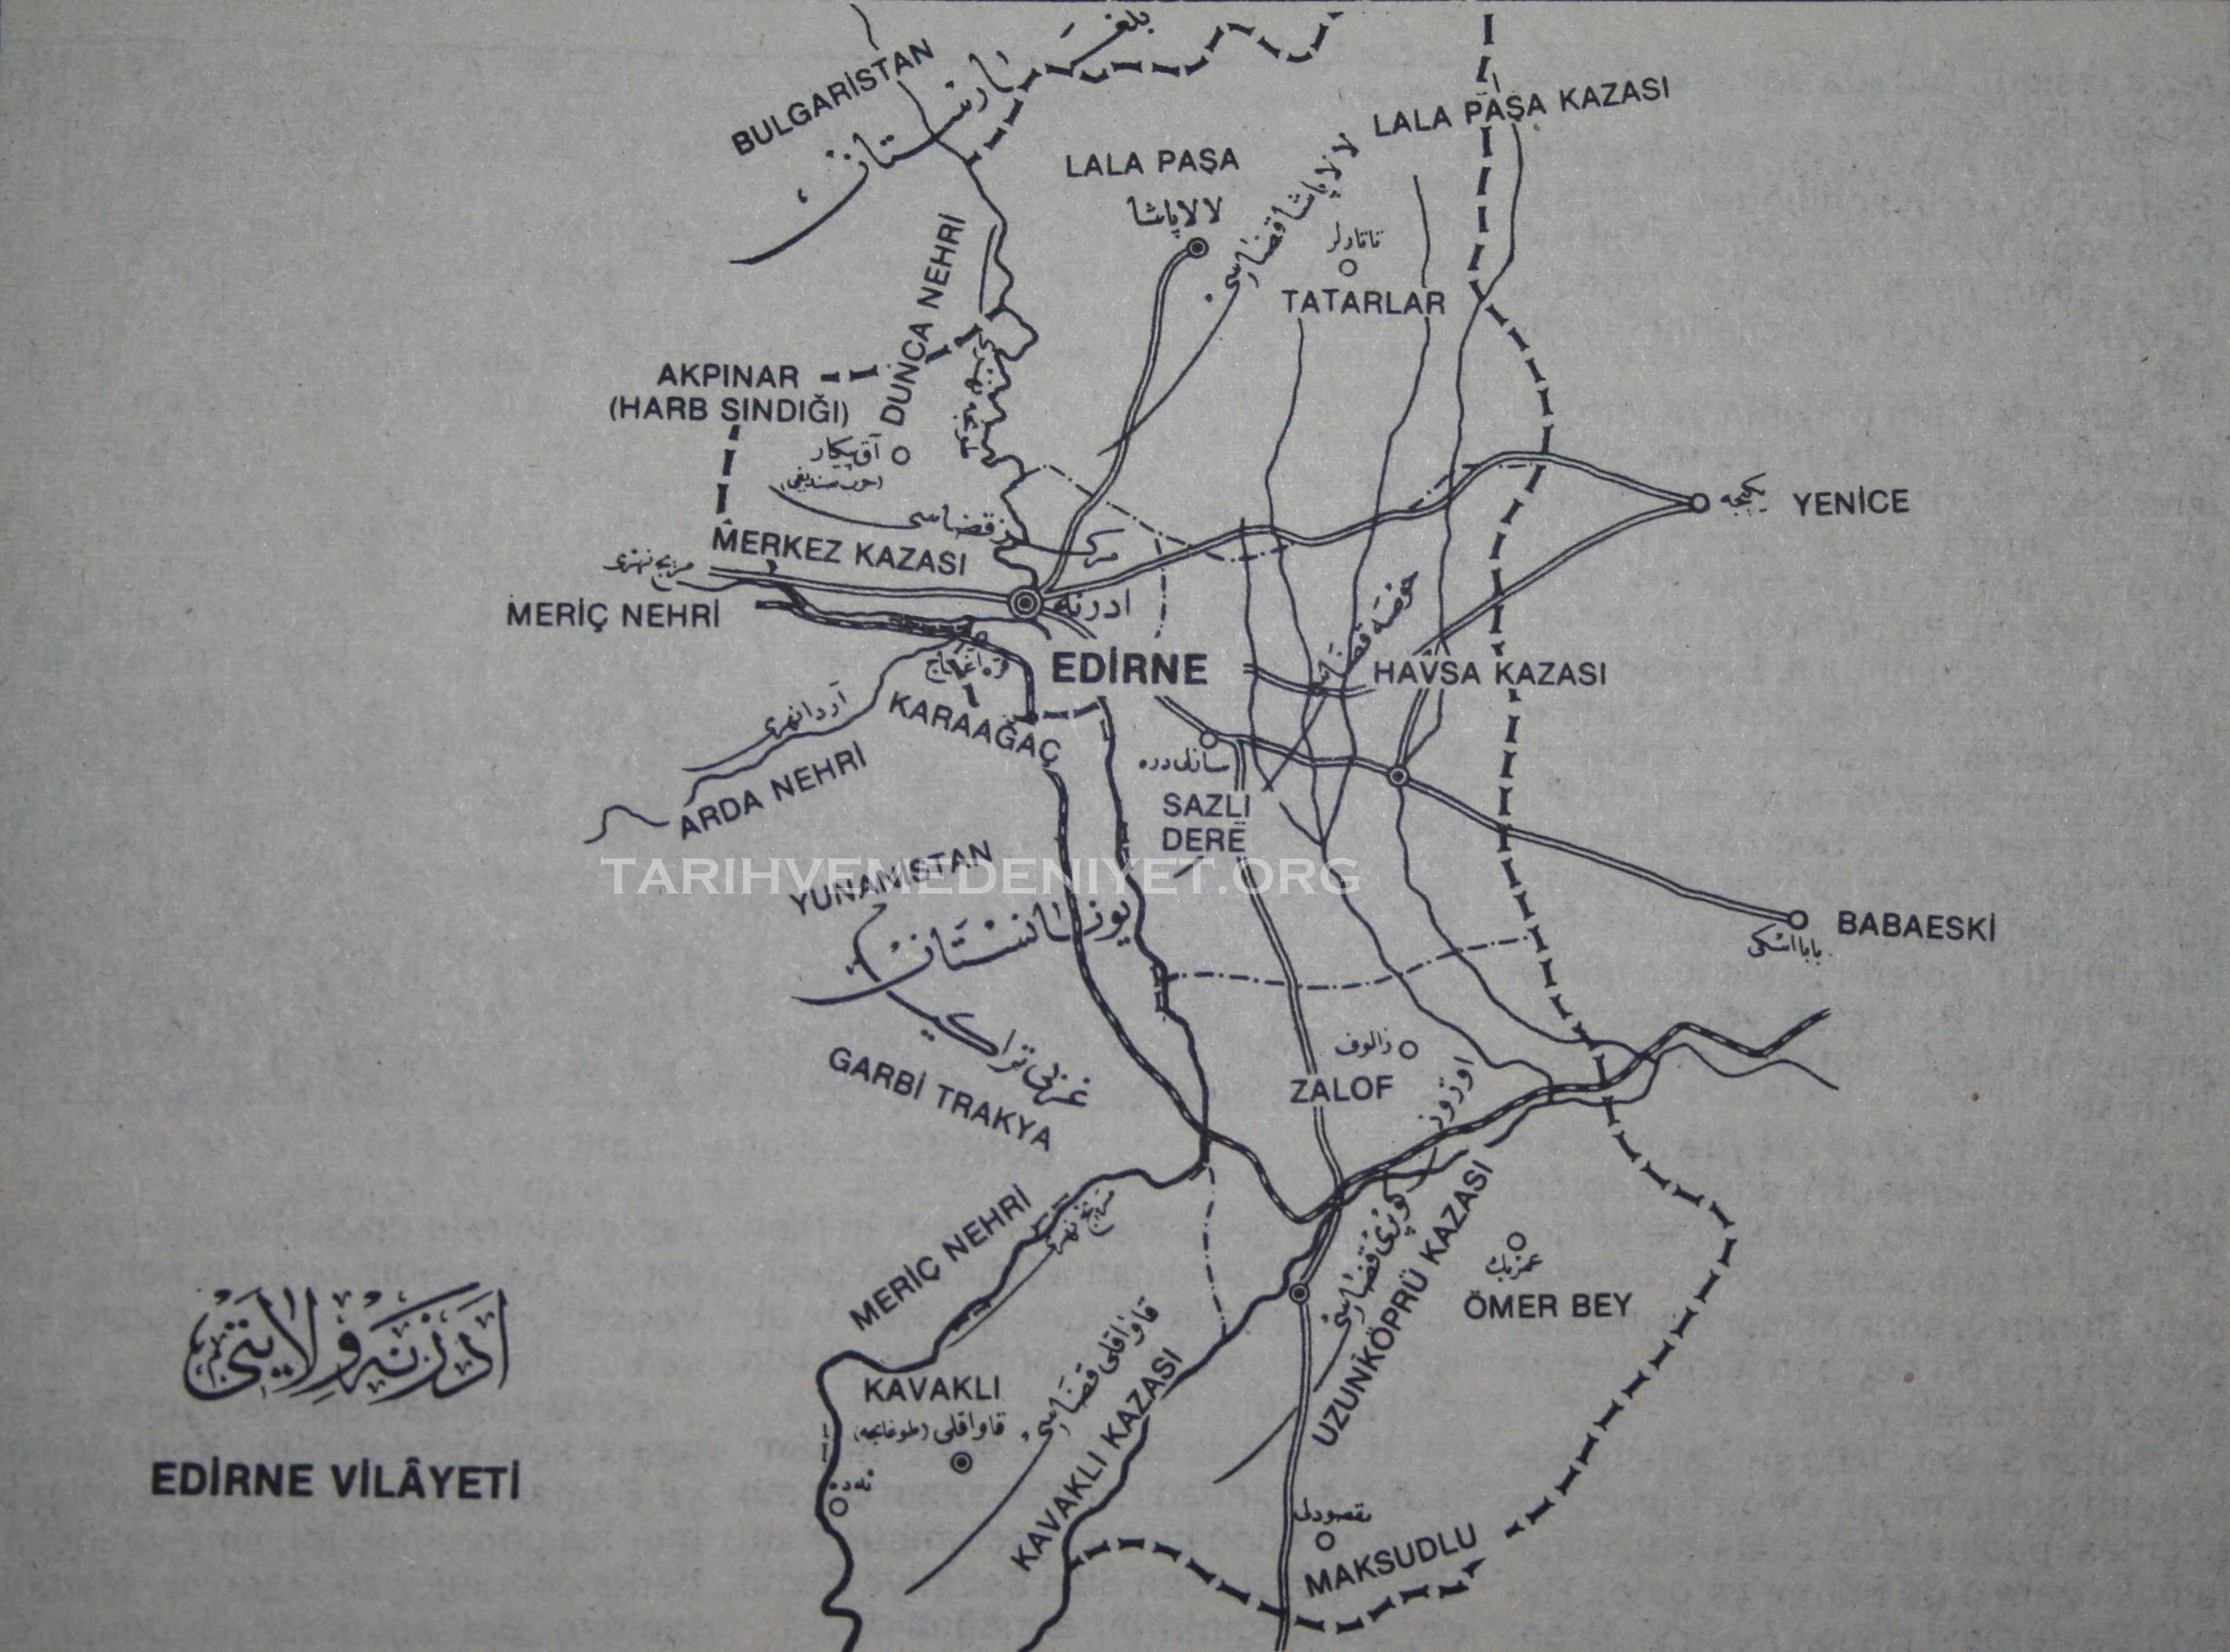 Edirne Vilayeti